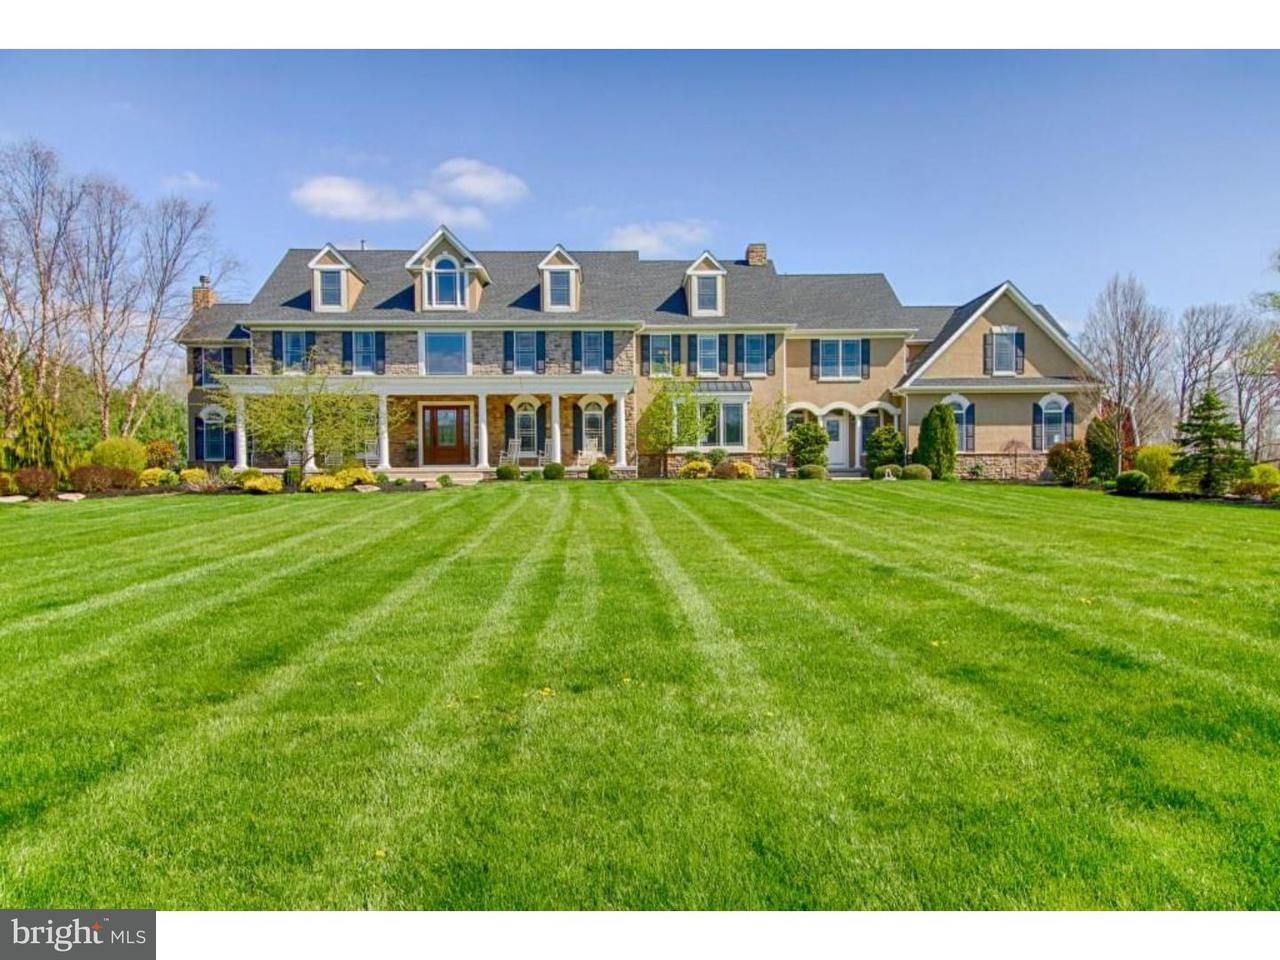 Maison unifamiliale pour l Vente à 156 HIGH Street Mullica Hill, New Jersey 08062 États-Unis